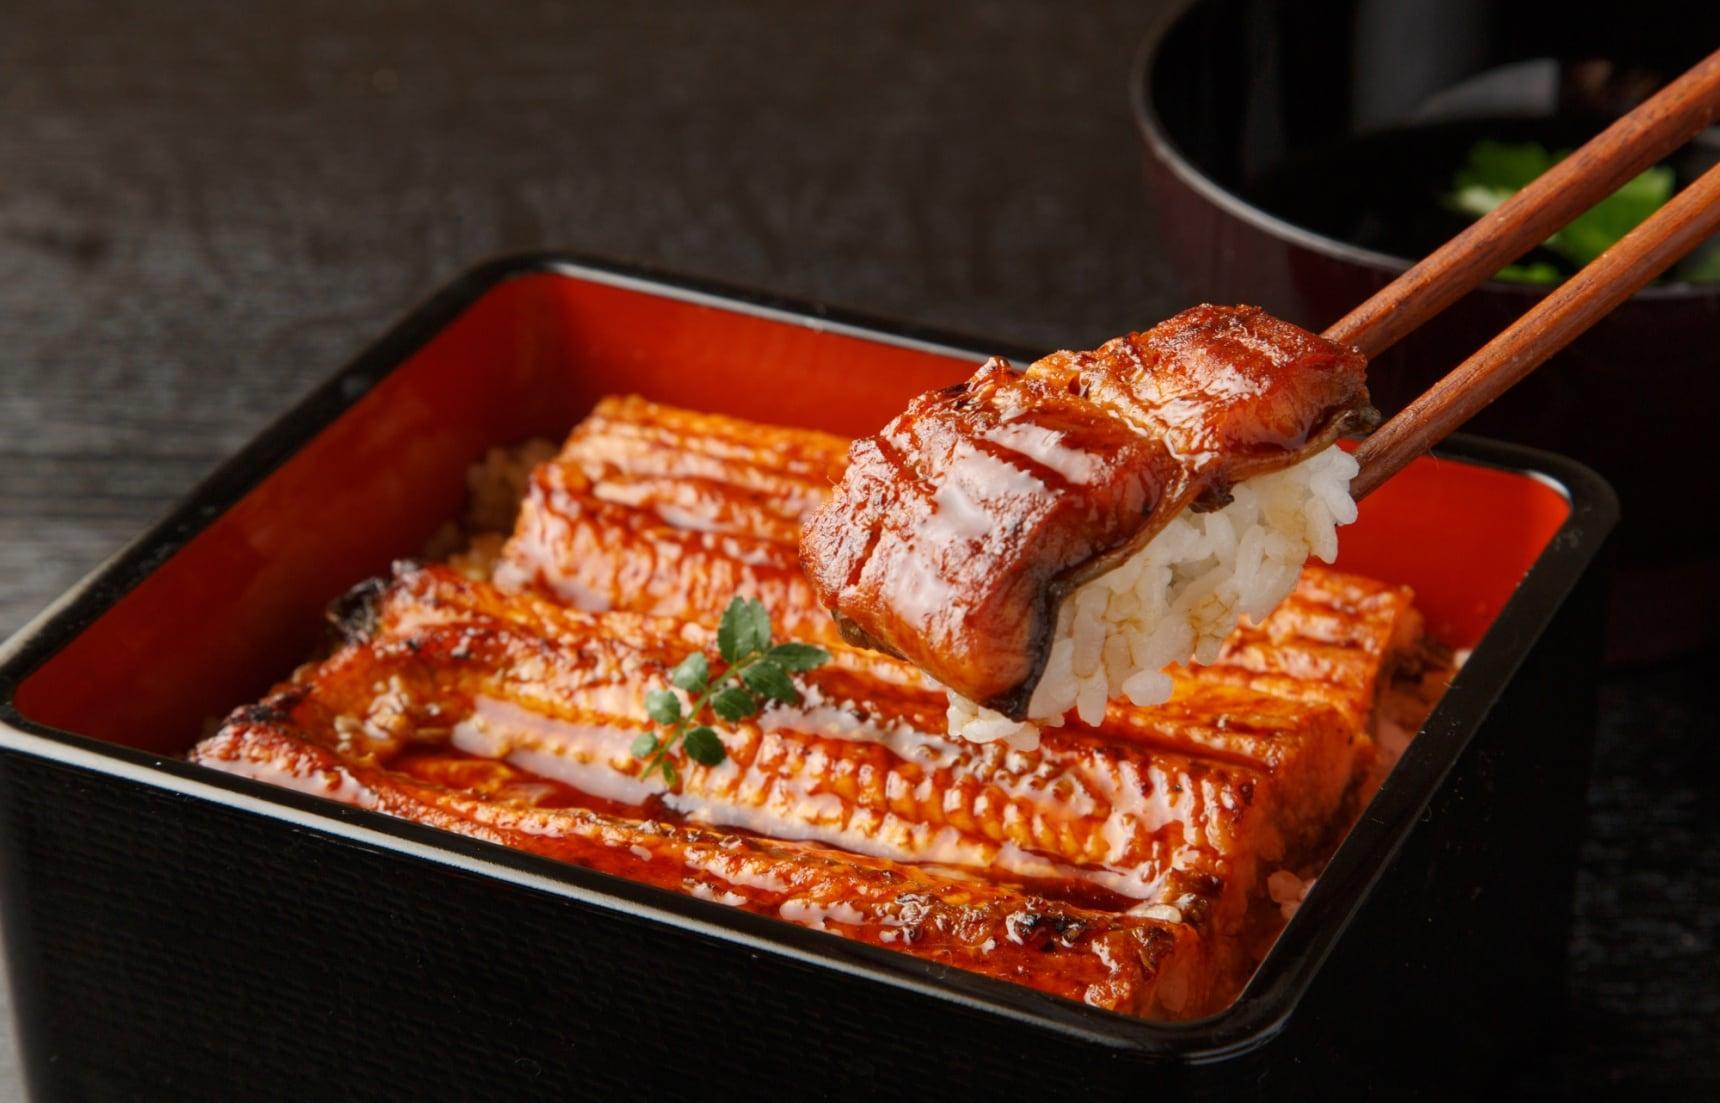 【日本歲時記】炎炎夏日迎來土用丑日,最適合來份鰻魚飯食養保身!